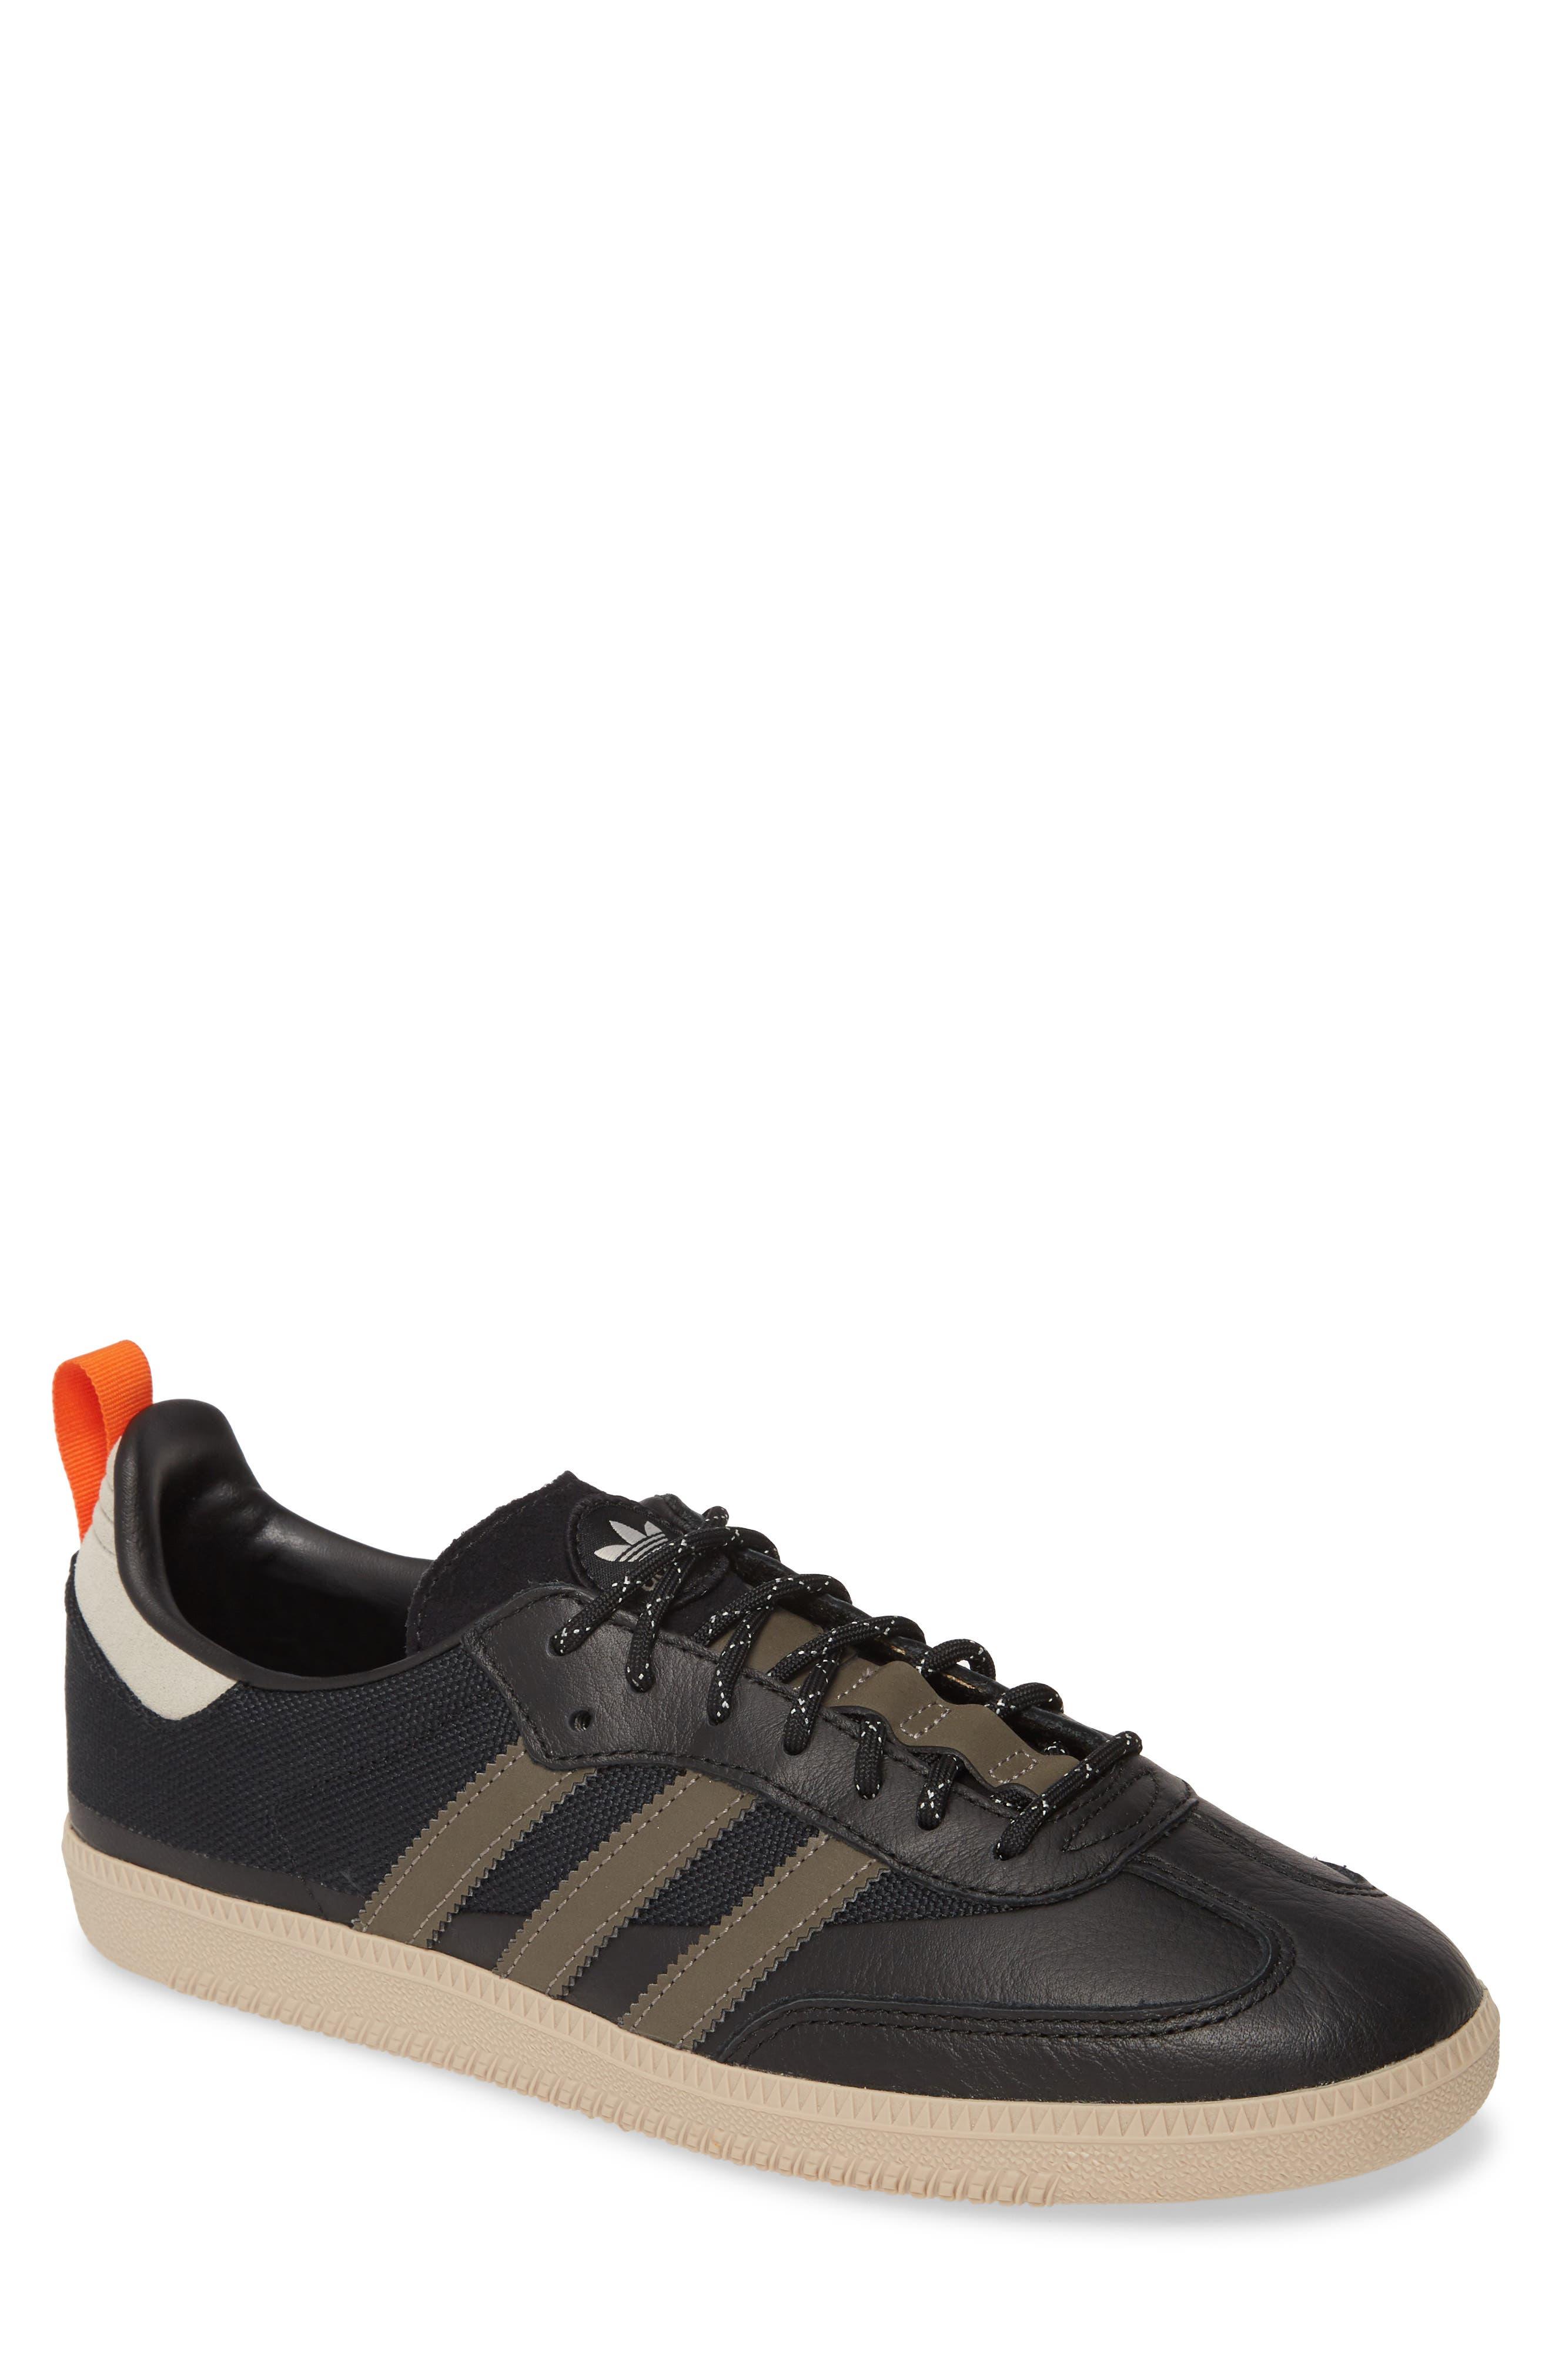 adidas Samba OG Sneaker (Men) | Nordstrom